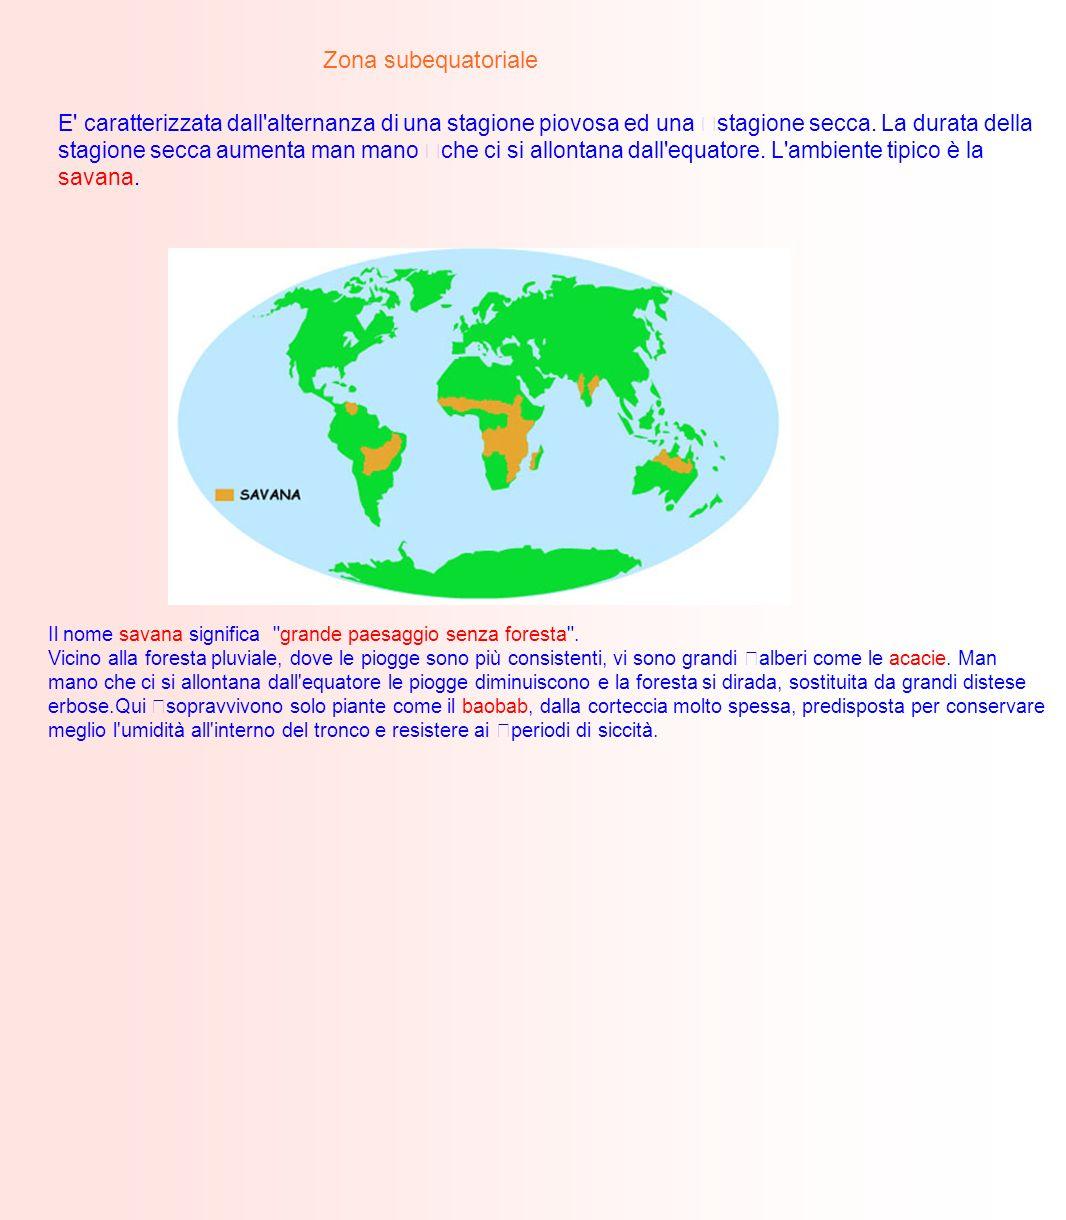 Zona subequatoriale